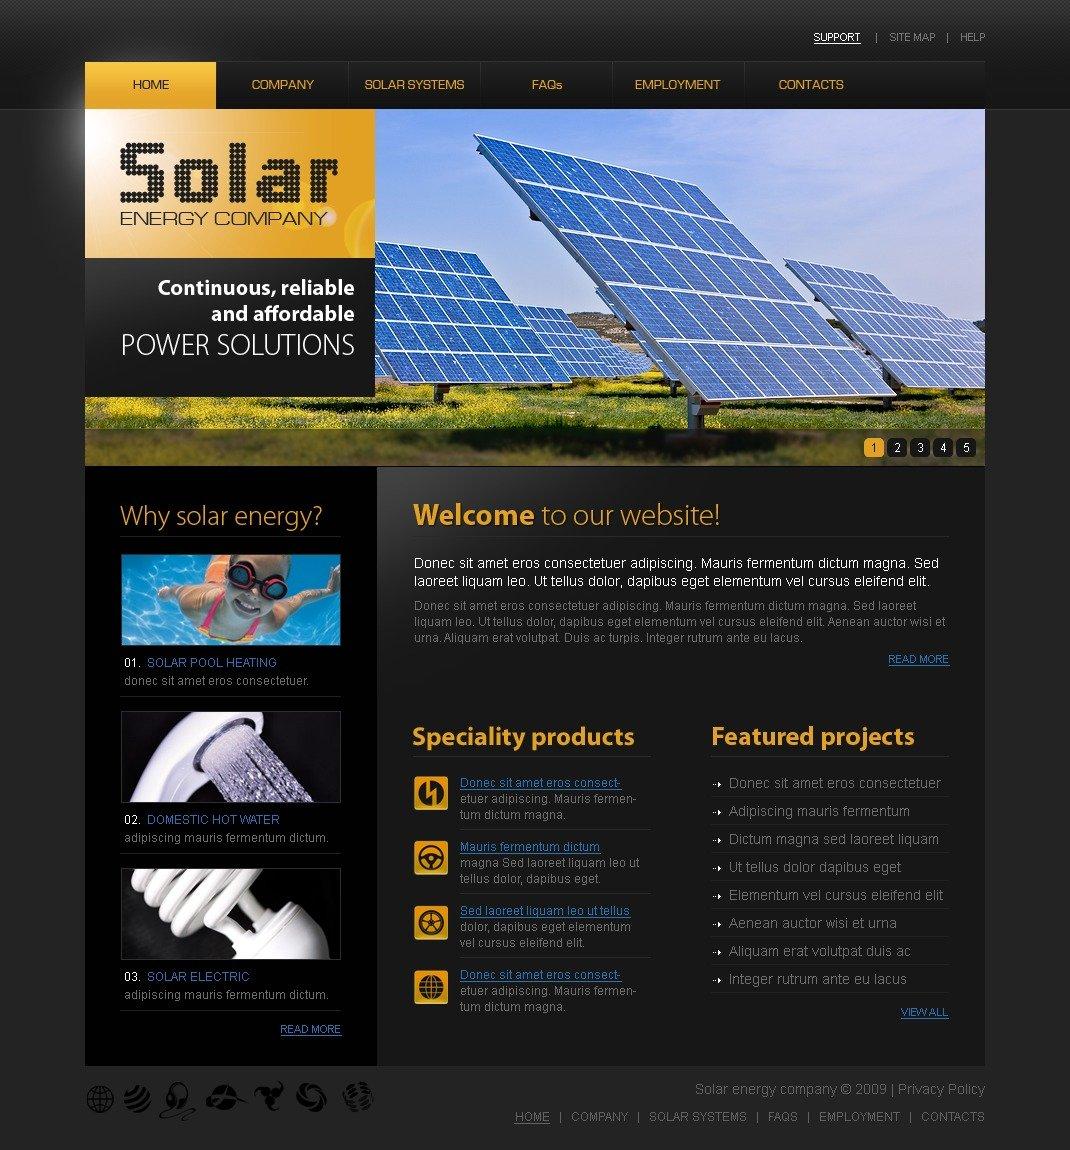 solar energy website template 25713. Black Bedroom Furniture Sets. Home Design Ideas